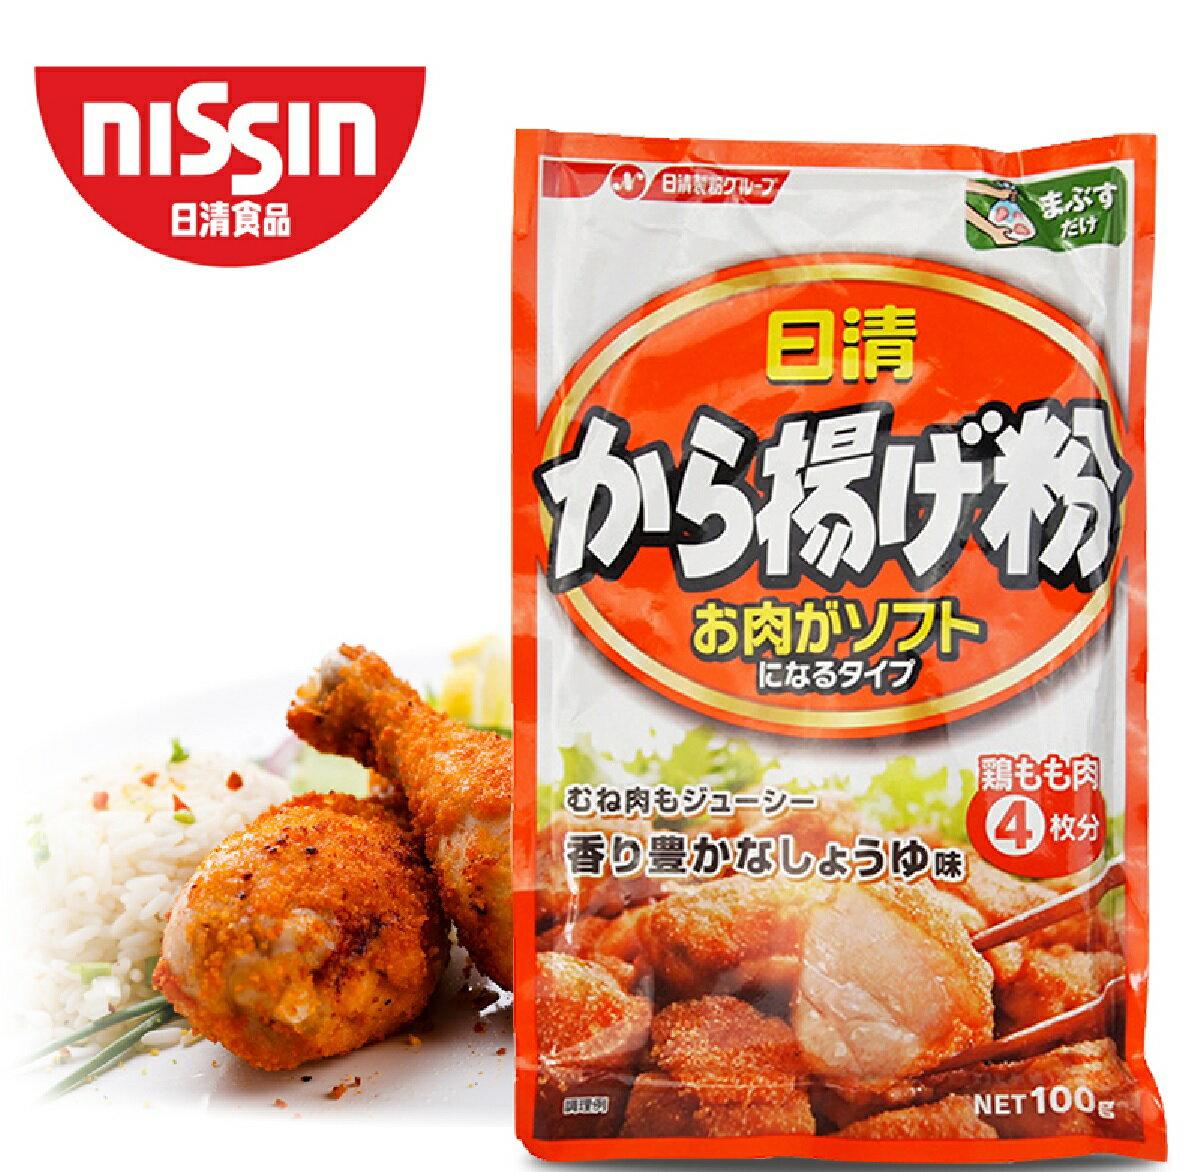 有樂町 日清炸雞粉 醬油味 雞肉裹粉炸雞必備麵包糠方便美味100g J50